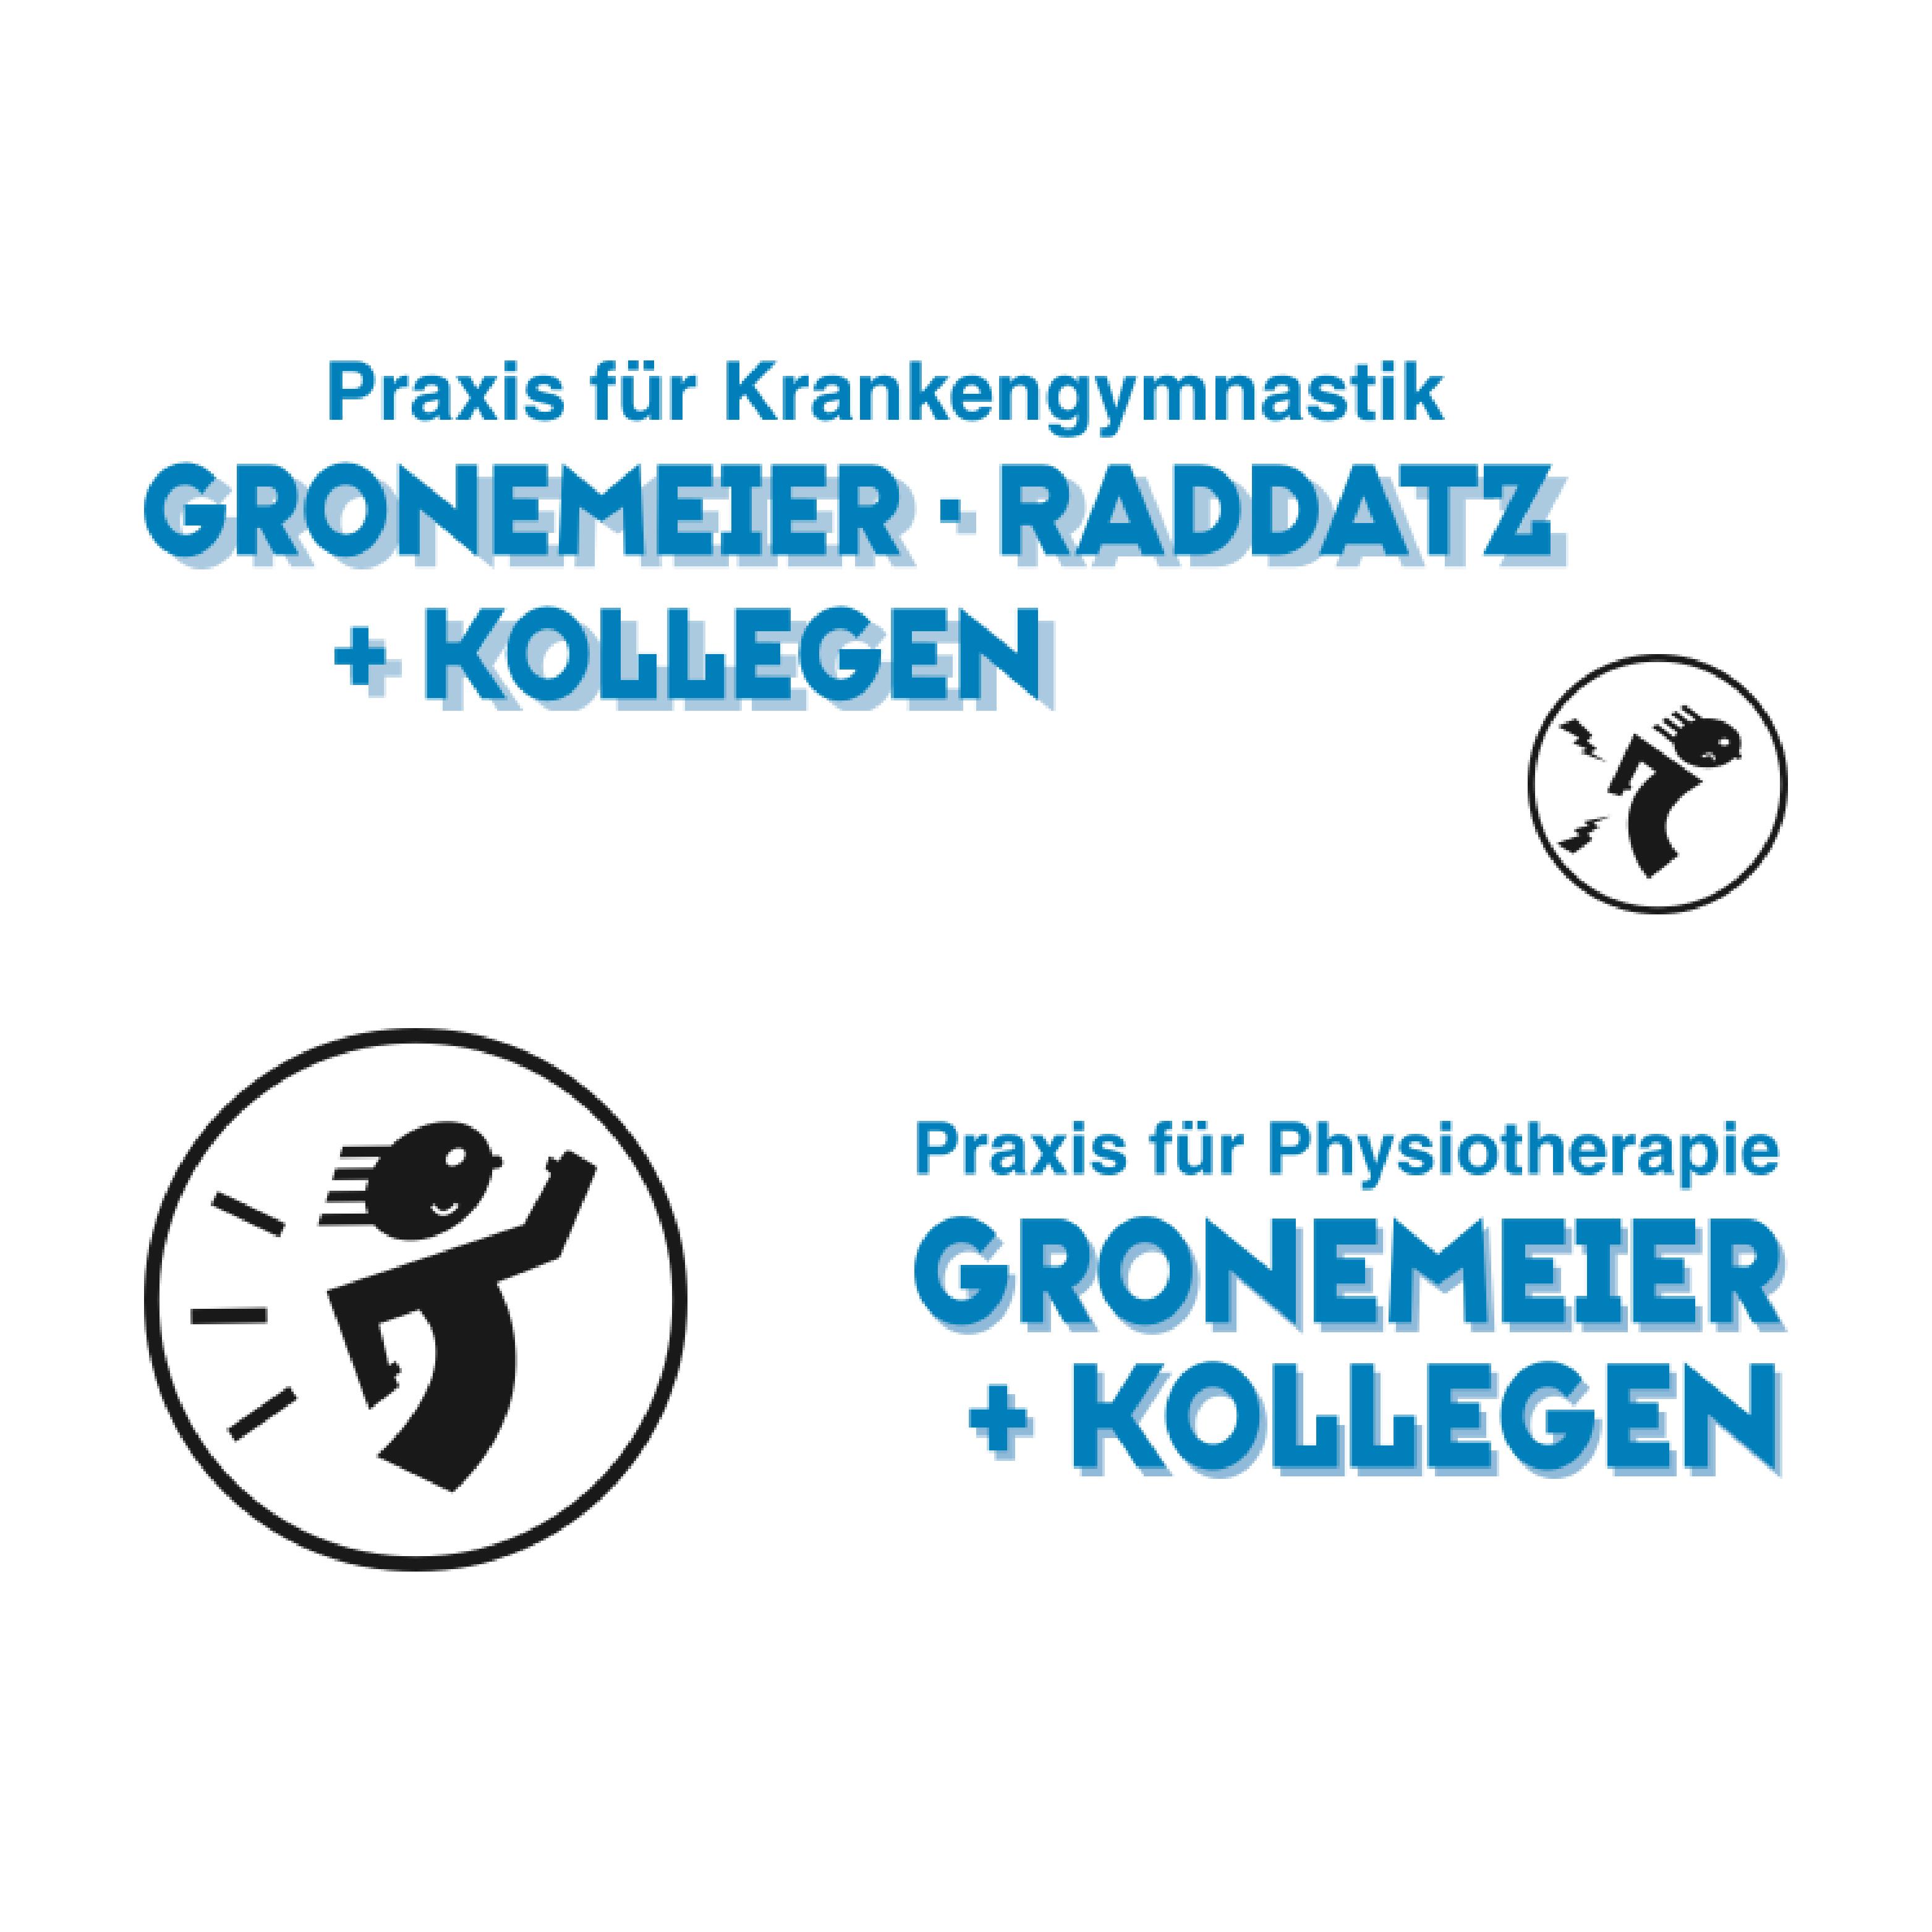 Bild zu Praxis für Krankengymnastik Gronemeier Raddatz + Kollegen in Wiesbaden